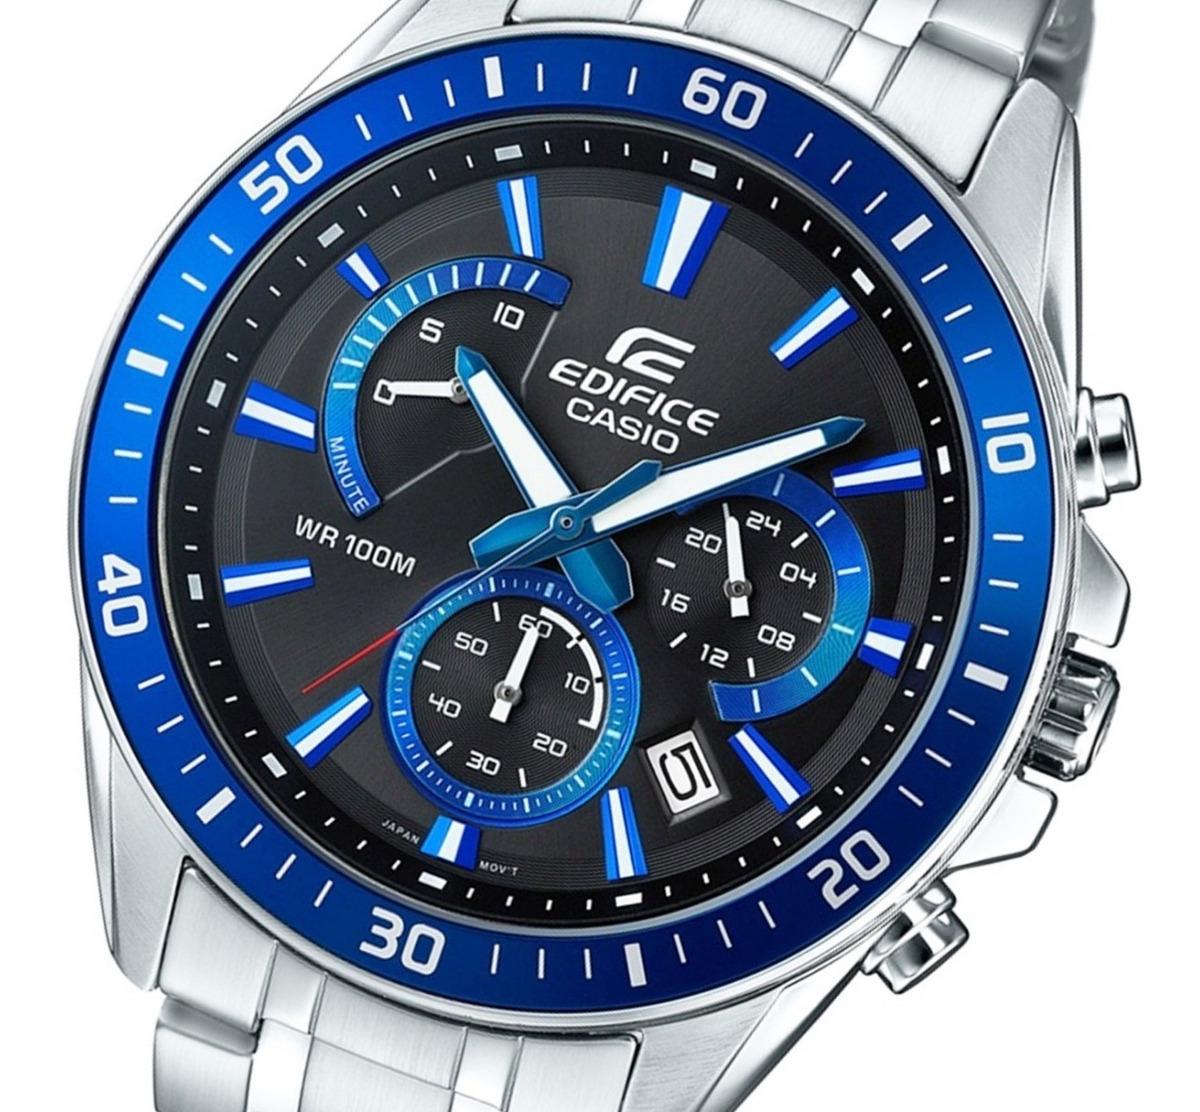 100m 1a2 552d Reloj Edifice Casio Wr Hombre Efr Crono OZiPkXuT